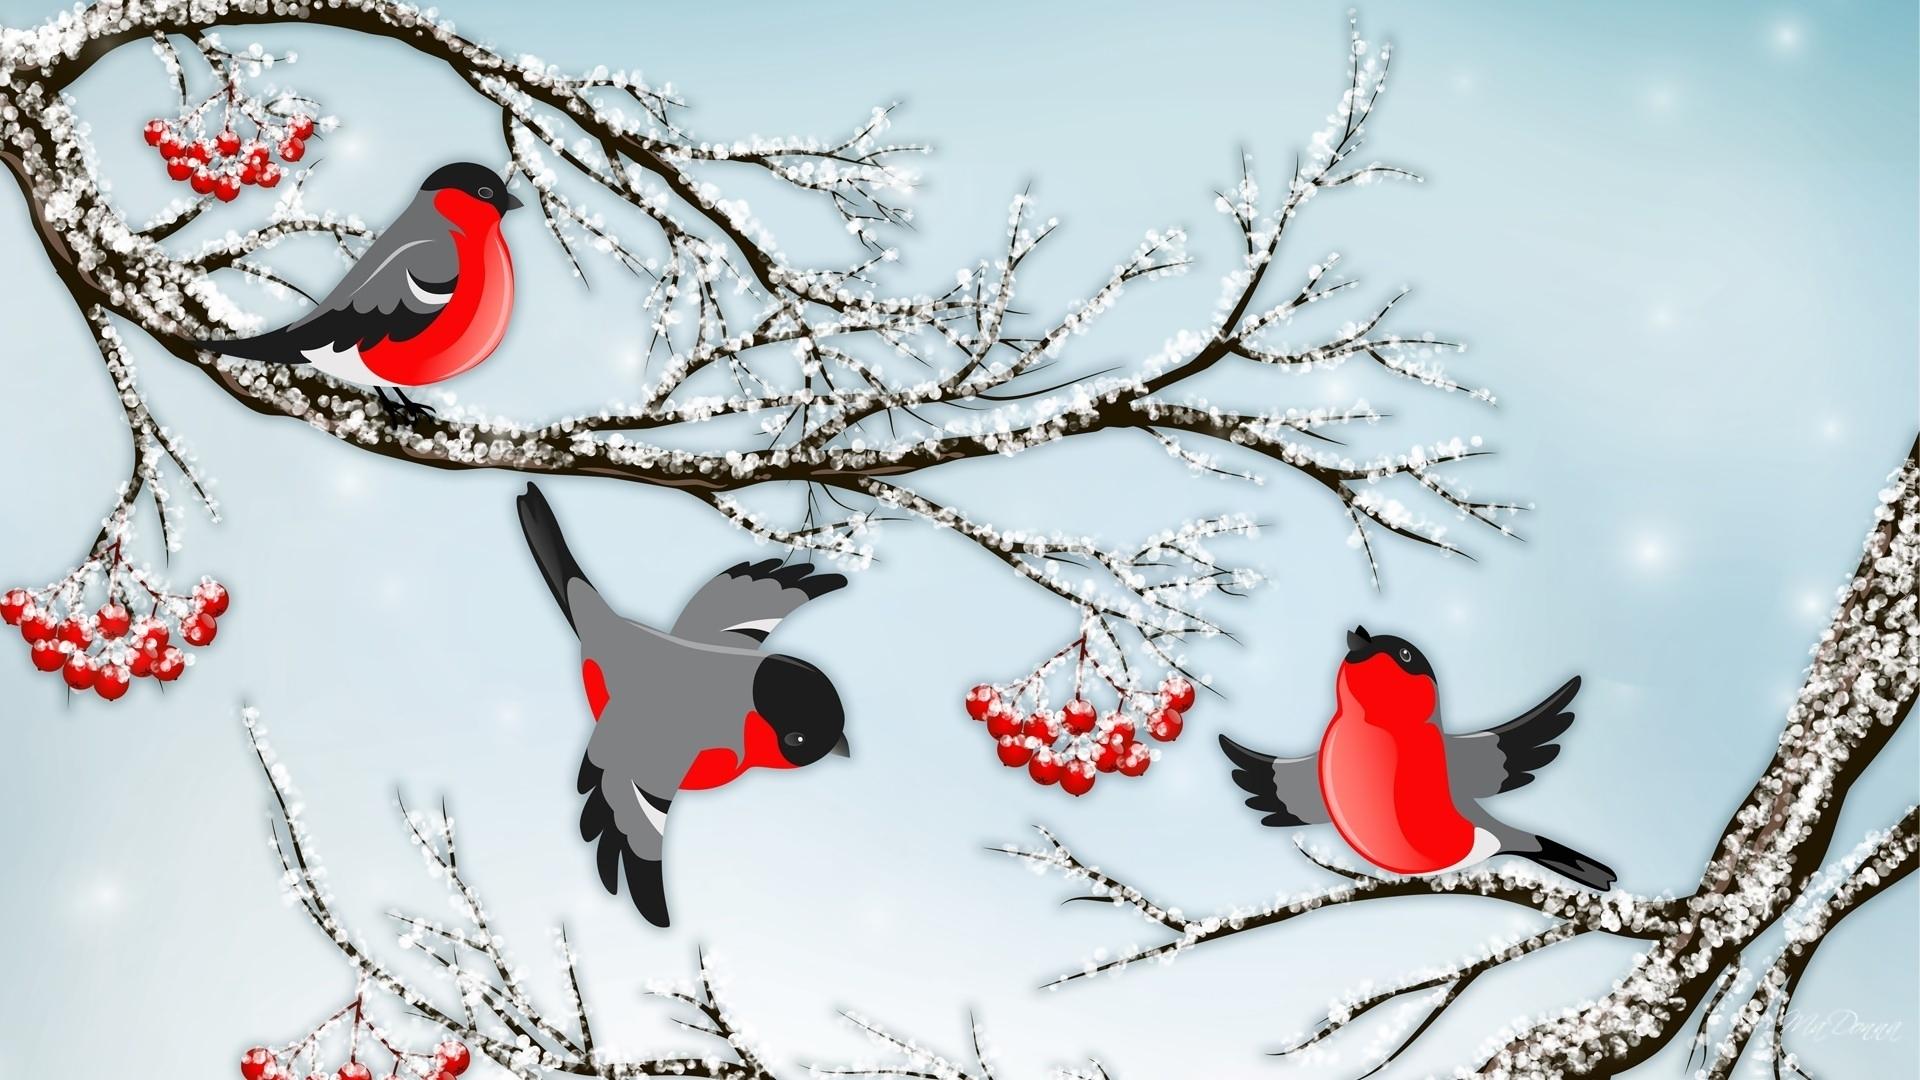 Обои Снегири Зимой Для Рабочего